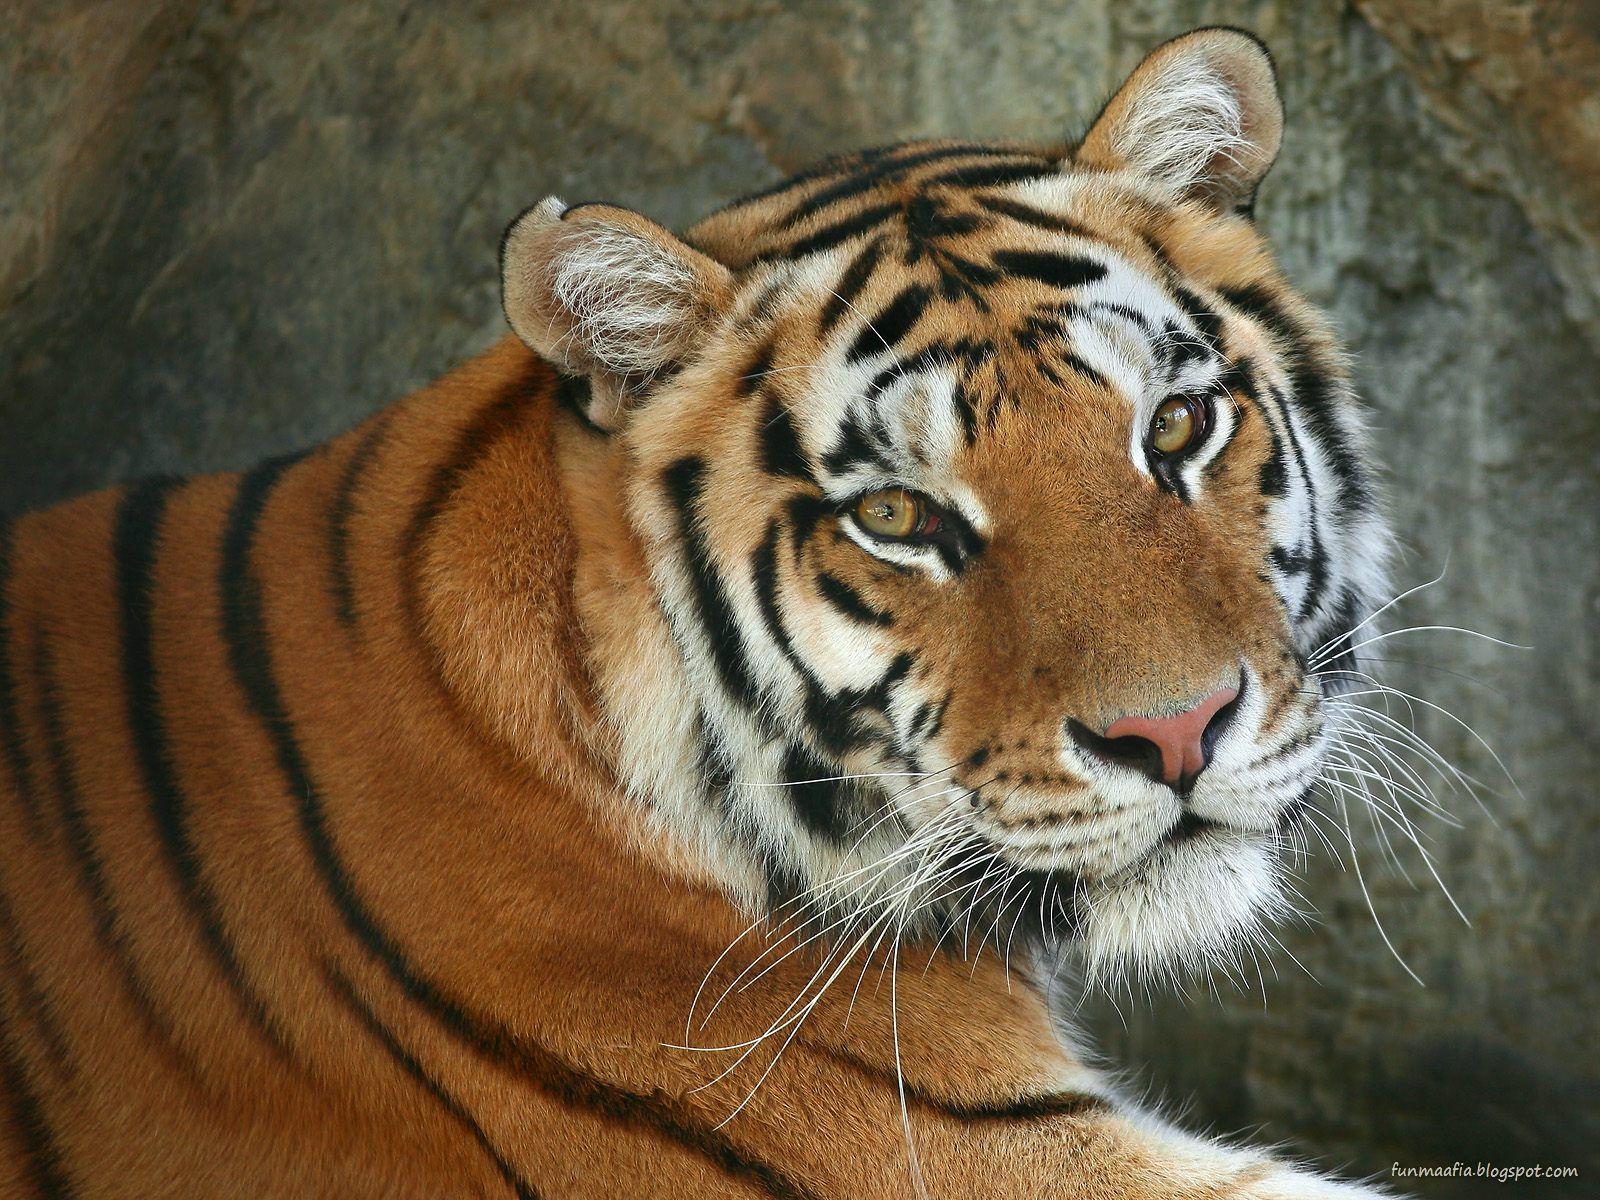 http://2.bp.blogspot.com/-rTGtpY4Neqw/TolIh3AlgAI/AAAAAAAACCw/2VJCgZpzWm0/s1600/bengal-tiger-wildlife-wallpaper.jpg